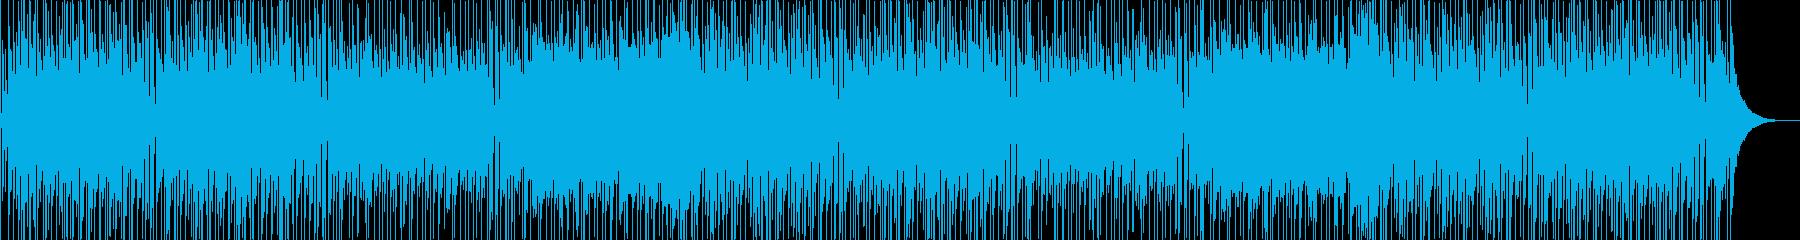 日常、ほのぼの、爽やか、軽快の再生済みの波形